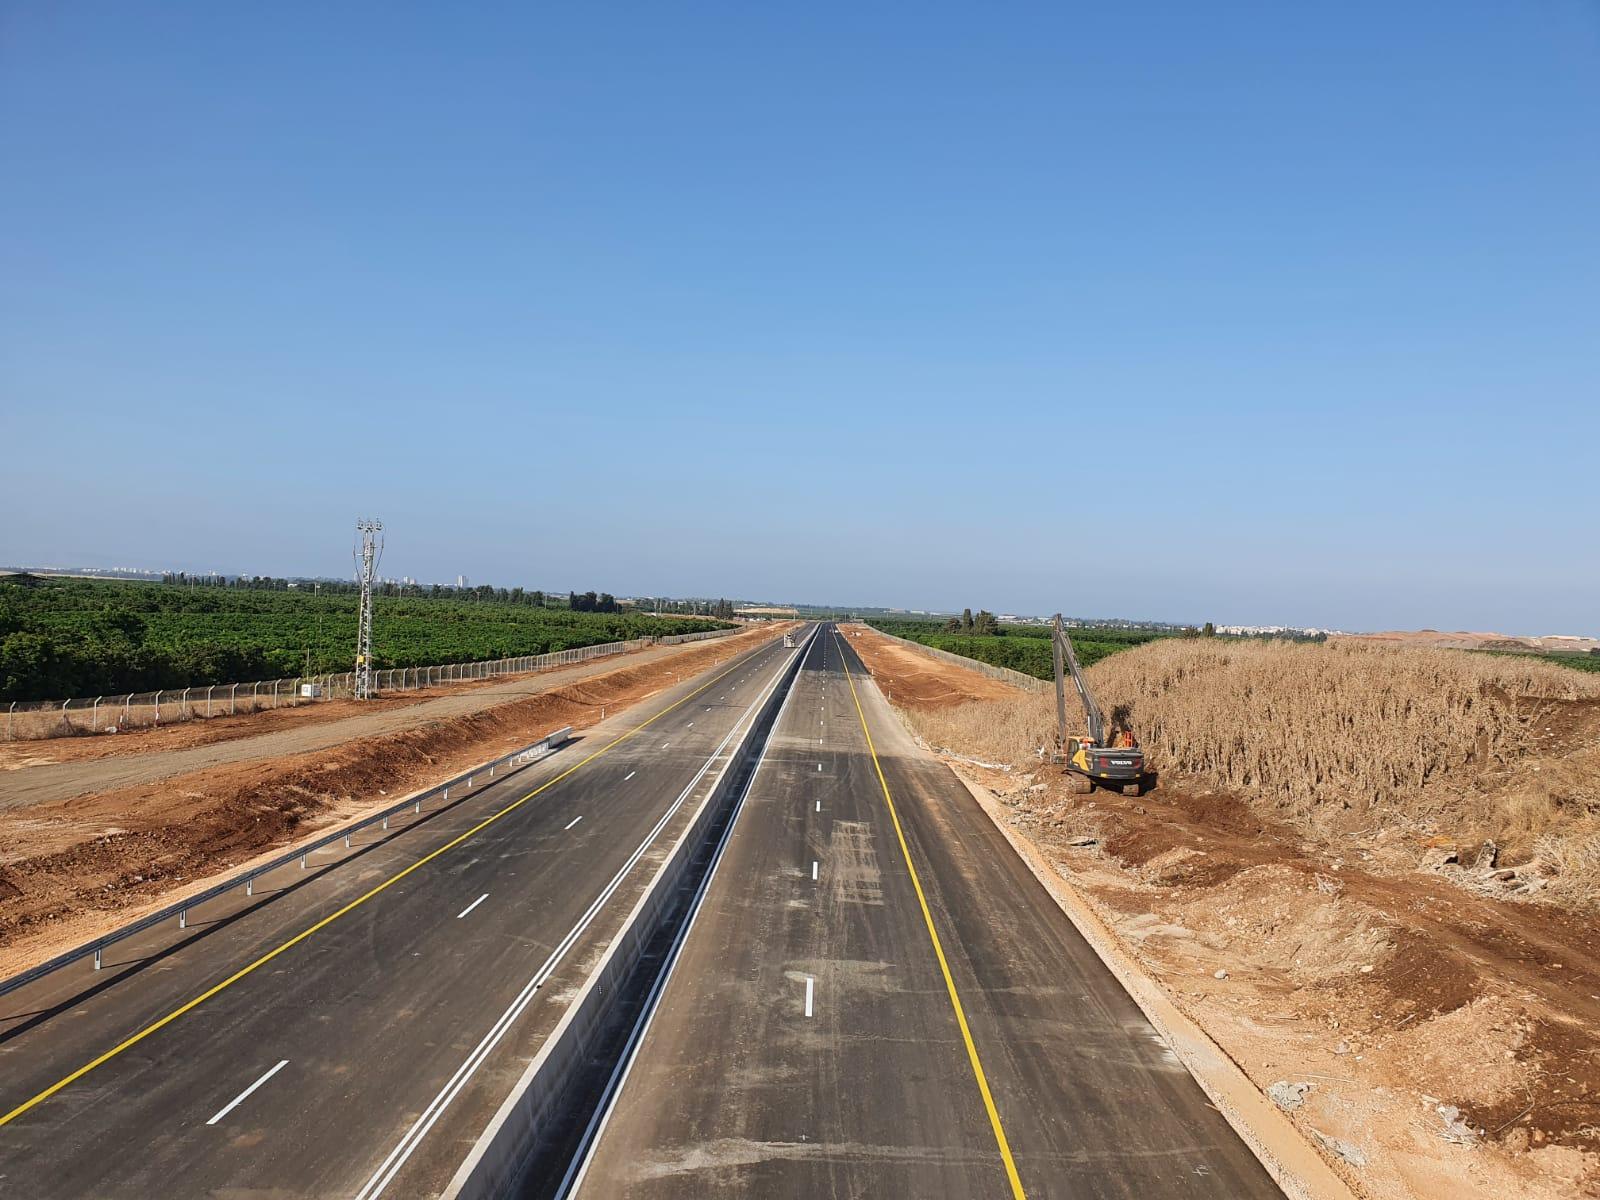 כיתוב: כביש 859 פתוח לנסיעה , צילום נתיבי ישראל